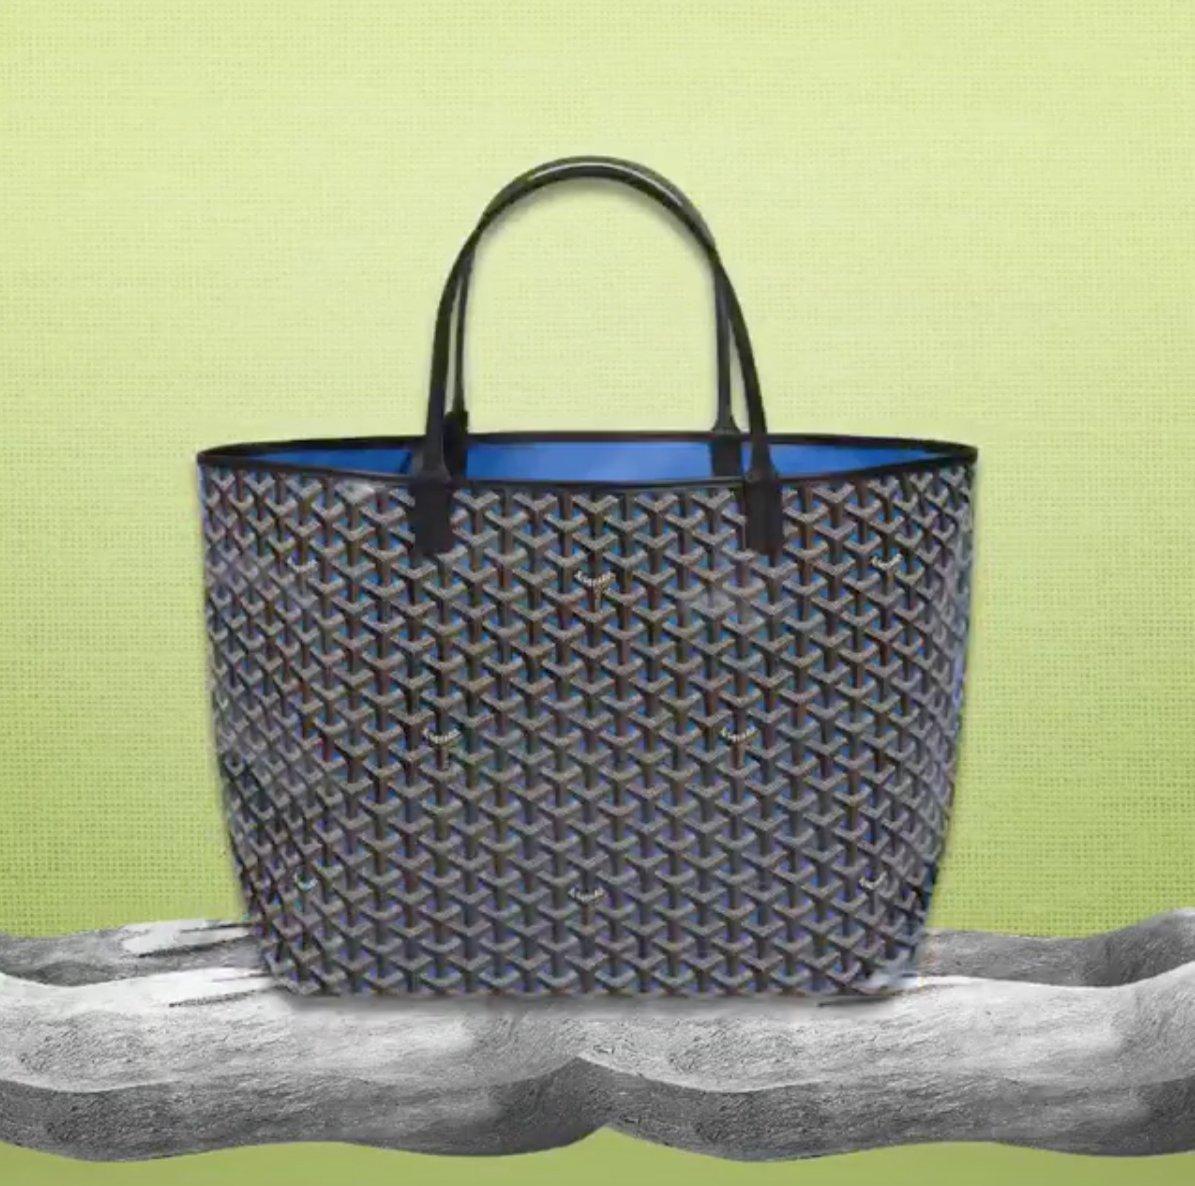 goyard-saint-louis-claire-voie-bag-blue